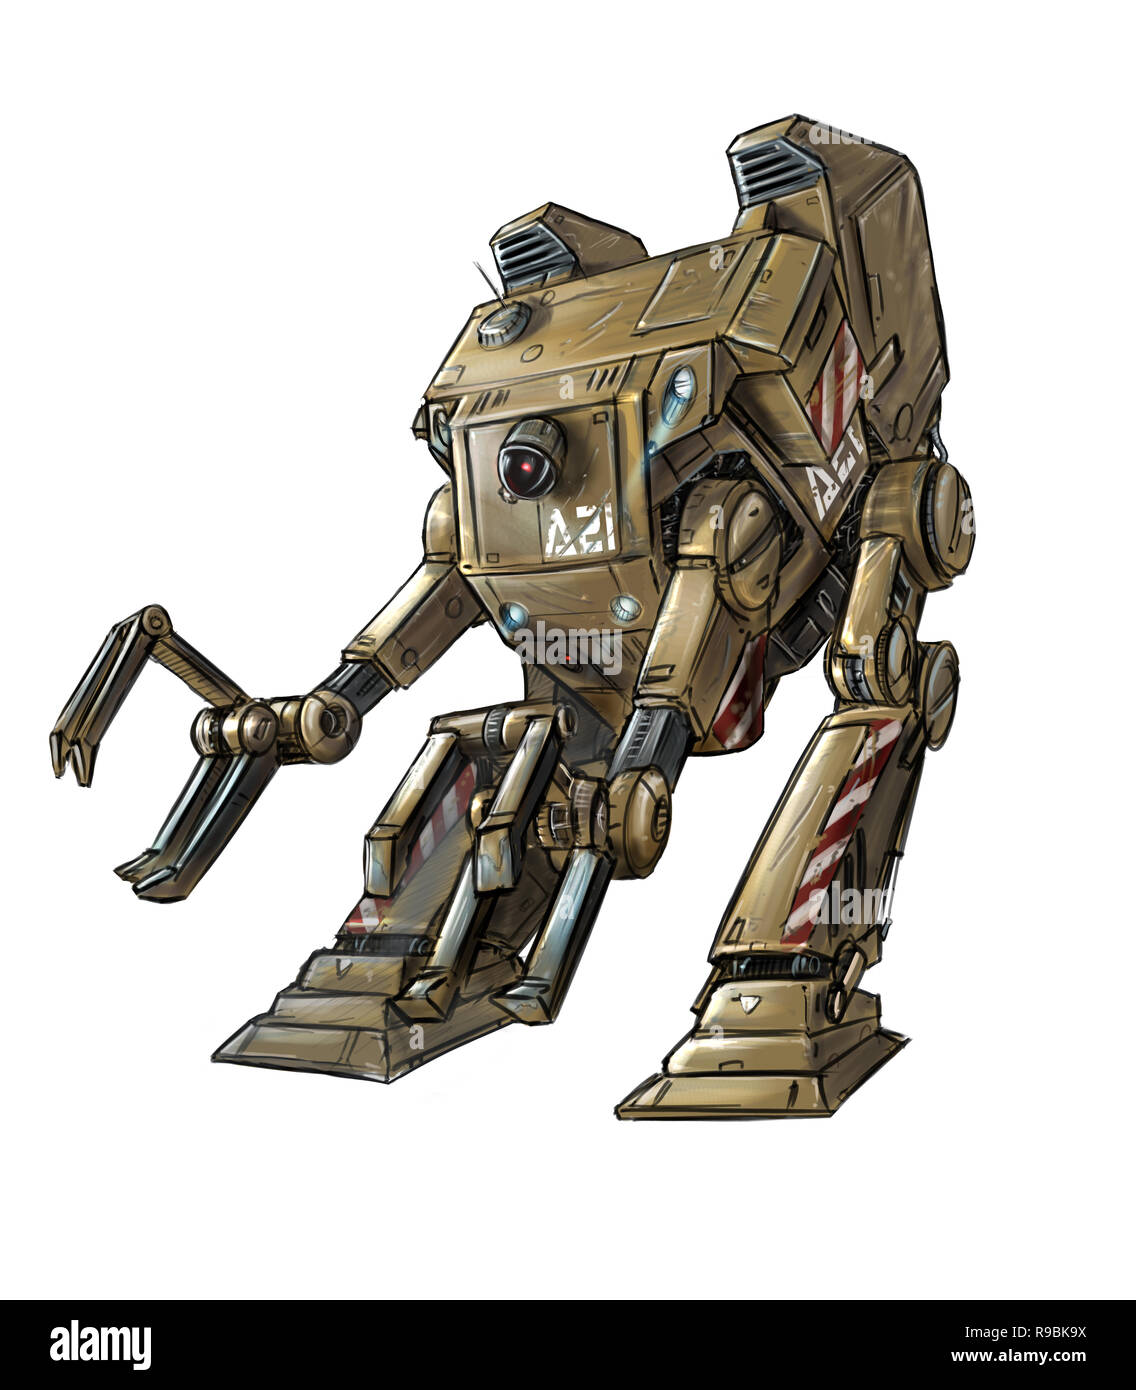 Concept Art Science Fiction Illustration Of Robotic Loader